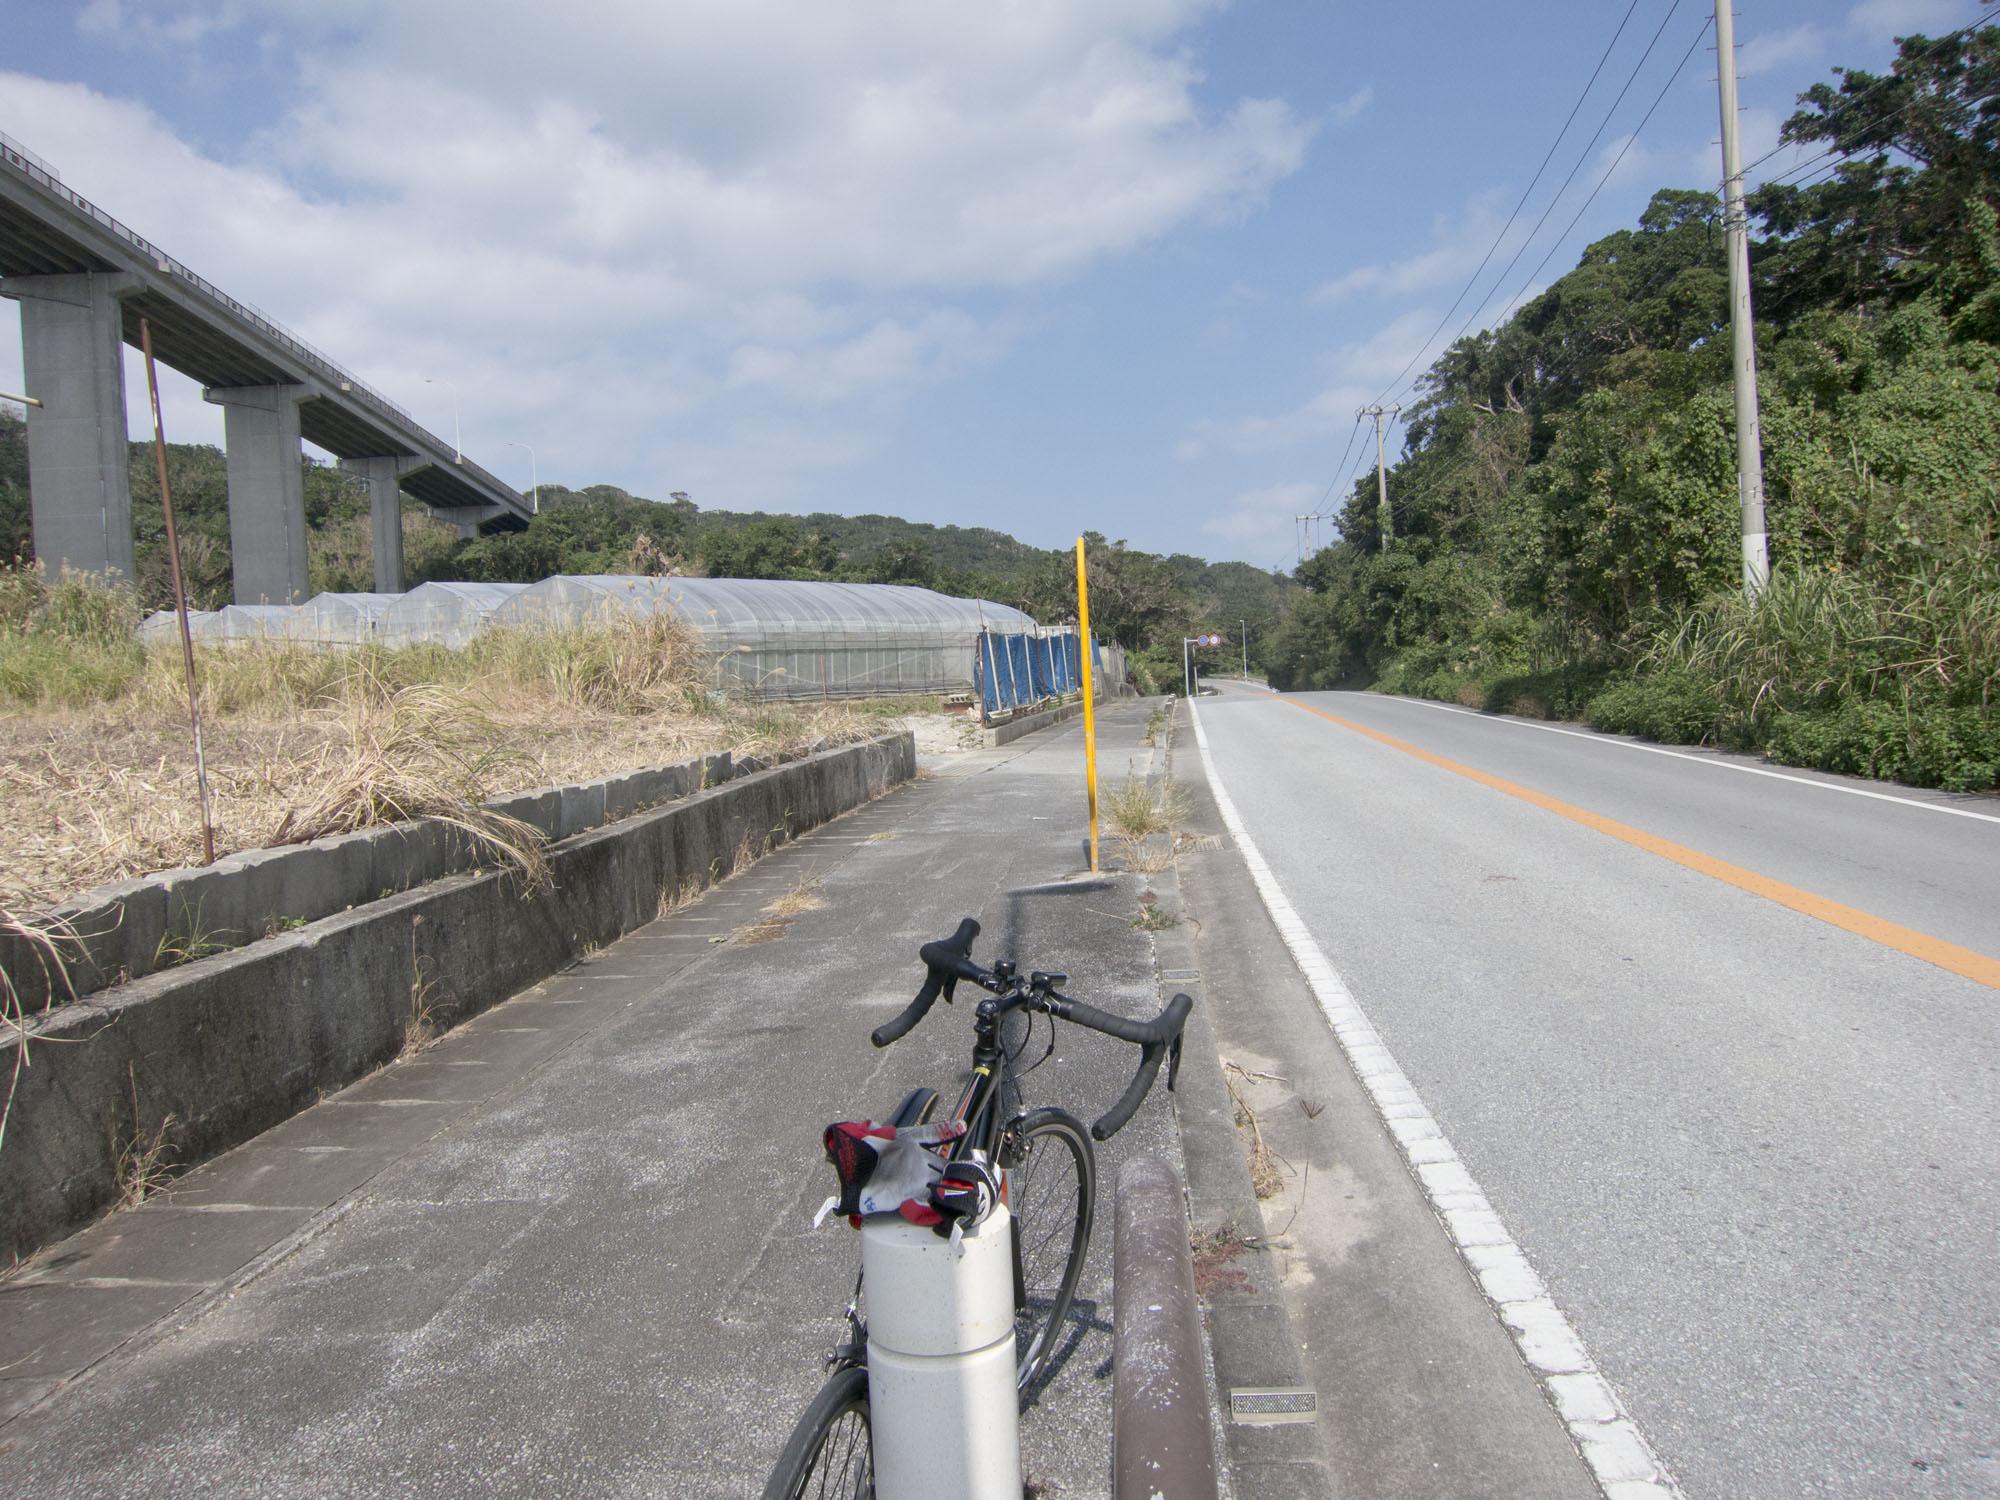 沖縄旅行レポート 2019/2月 (N島氏)